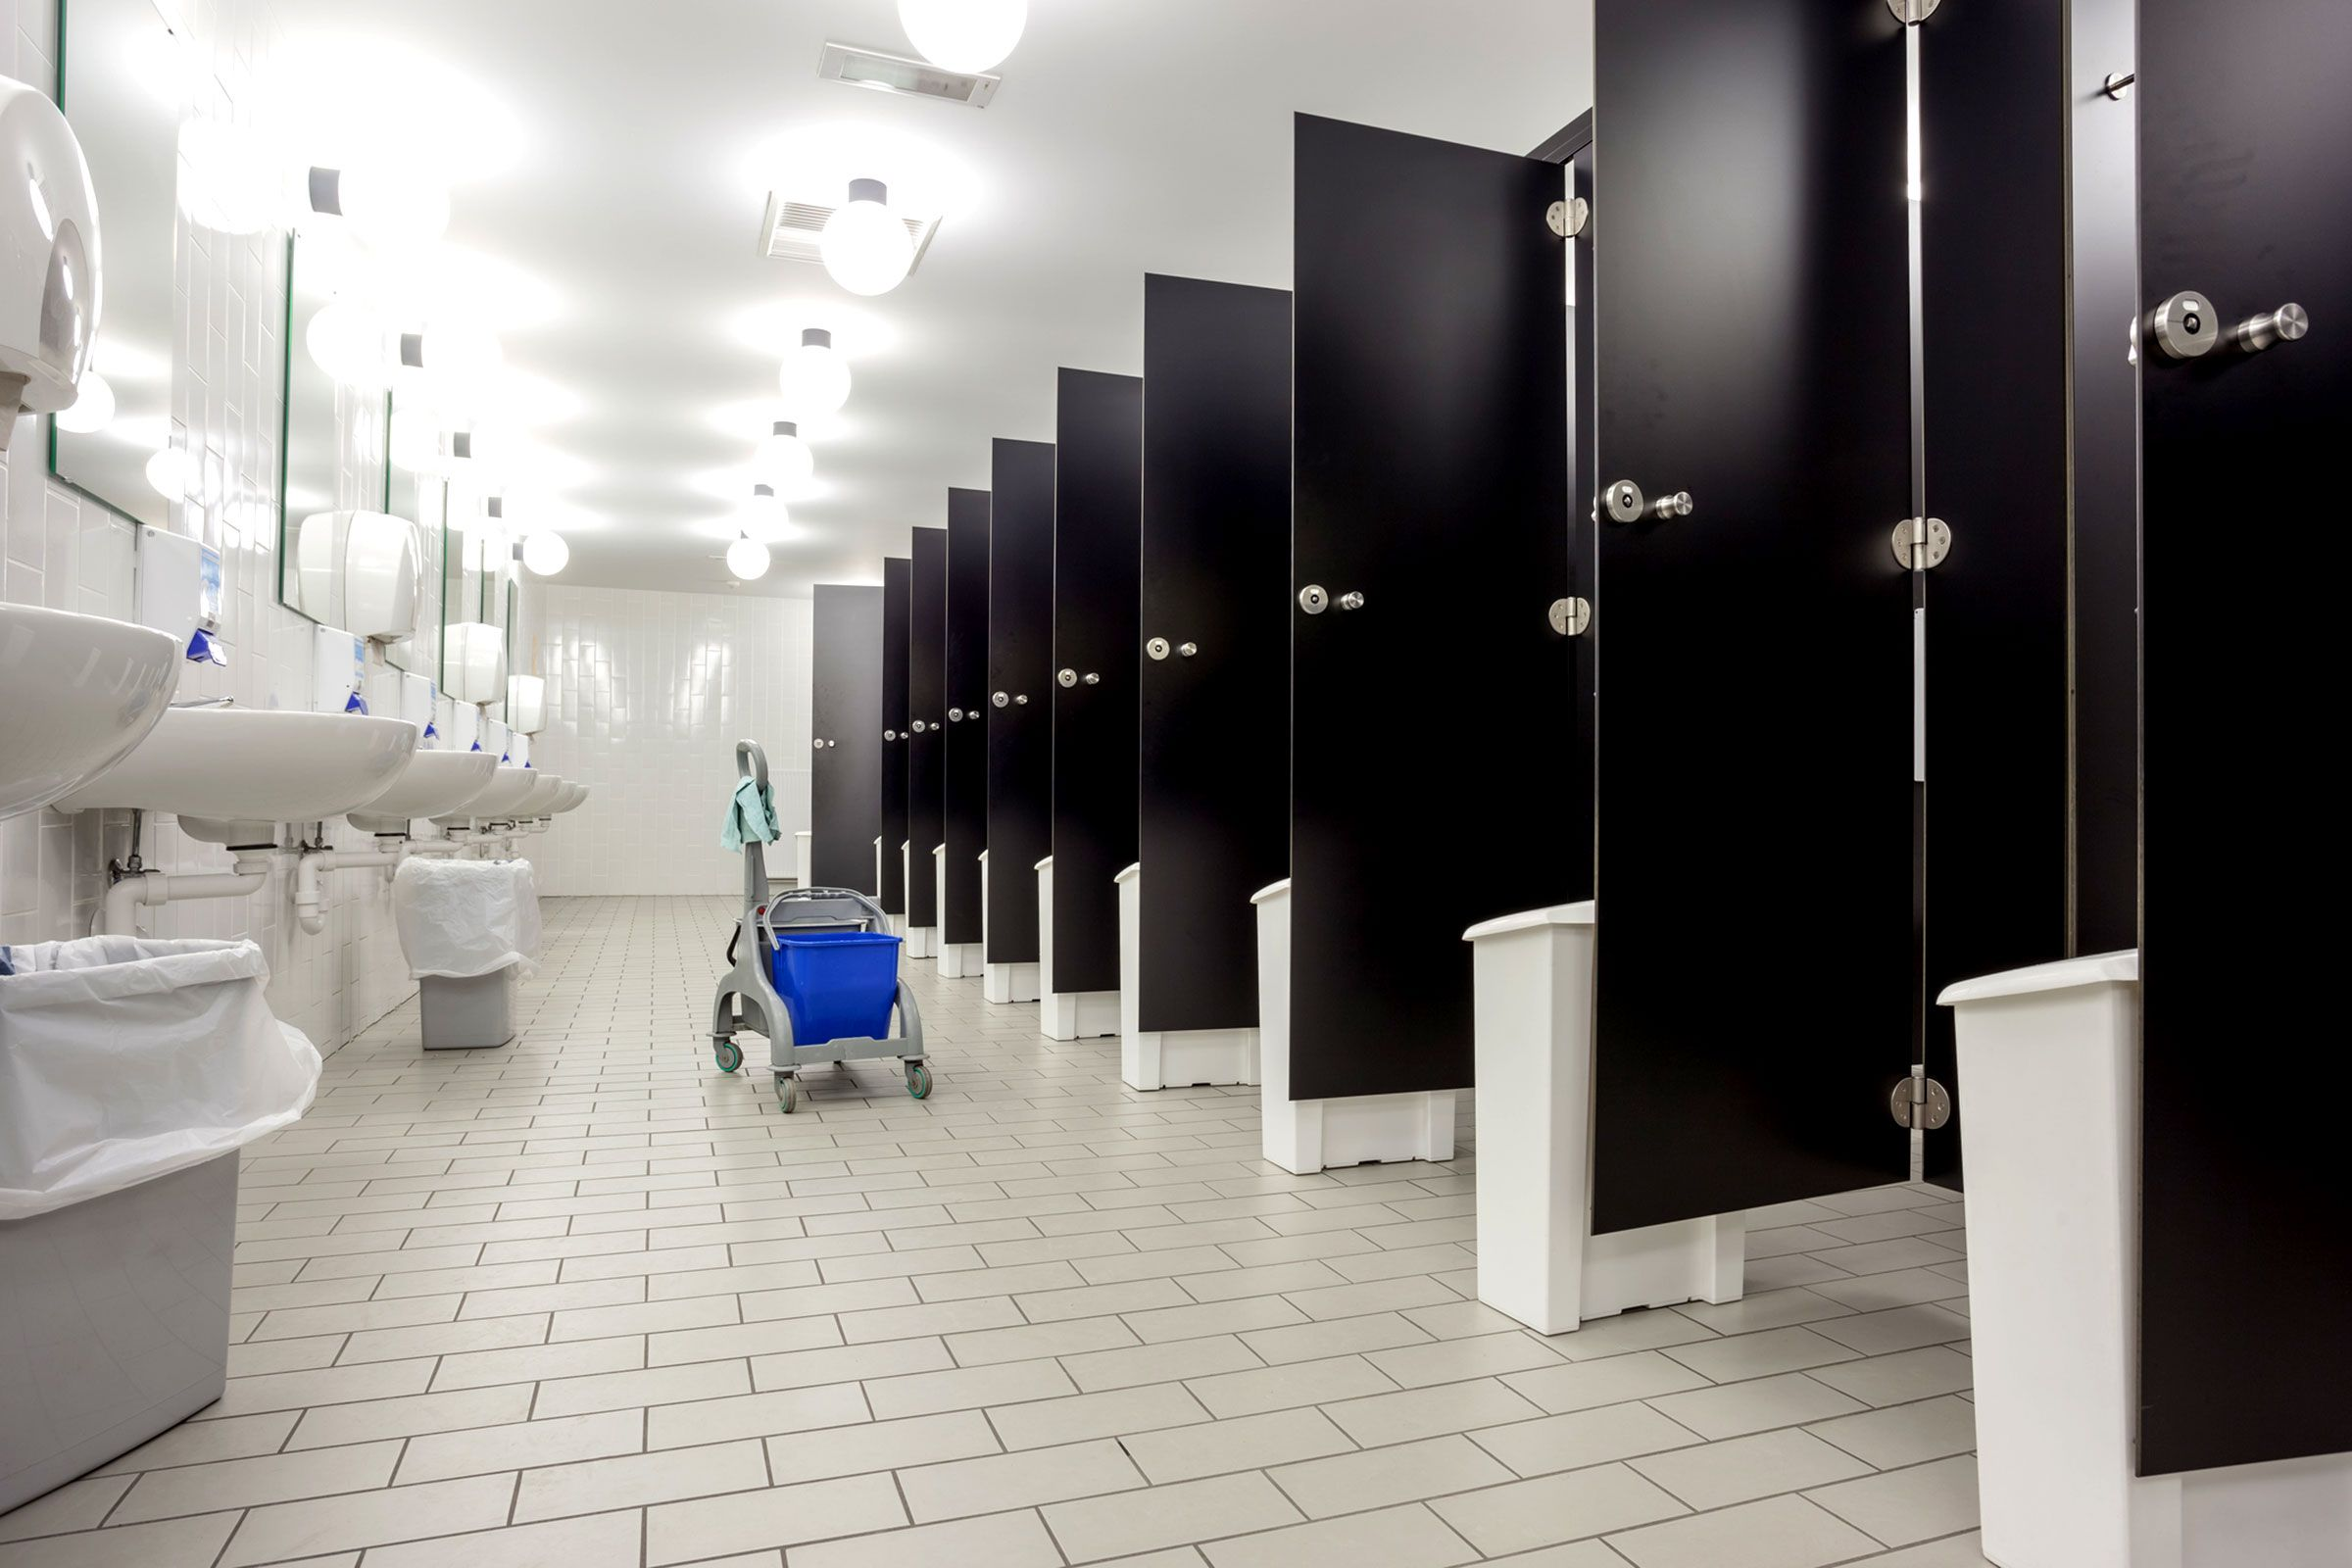 Public Bathroom Etiquette Public Bathrooms And Etiquette - Public bathroom supplies